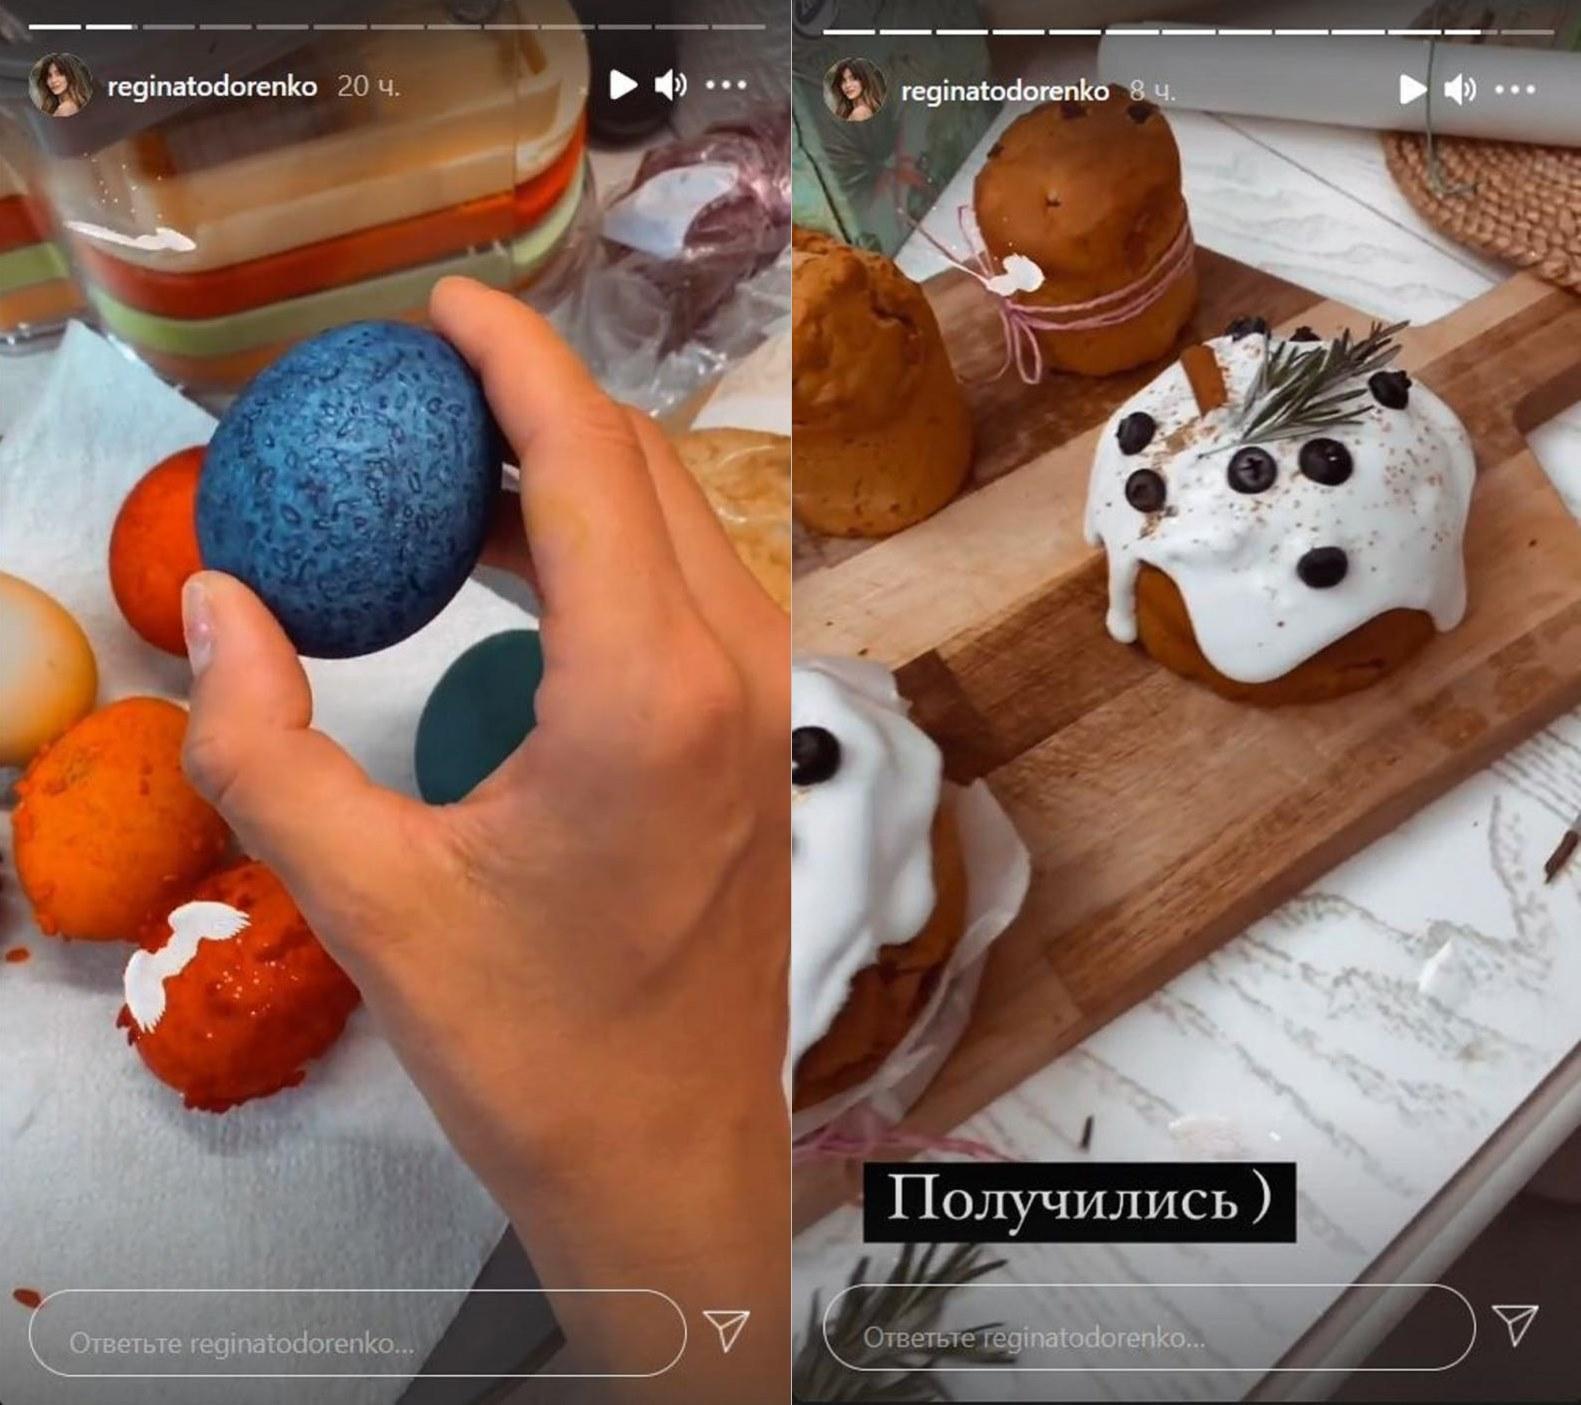 Фото Сами пекут куличи и красят яйца: как российские звёзды готовятся к Пасхе в 2021 году 3